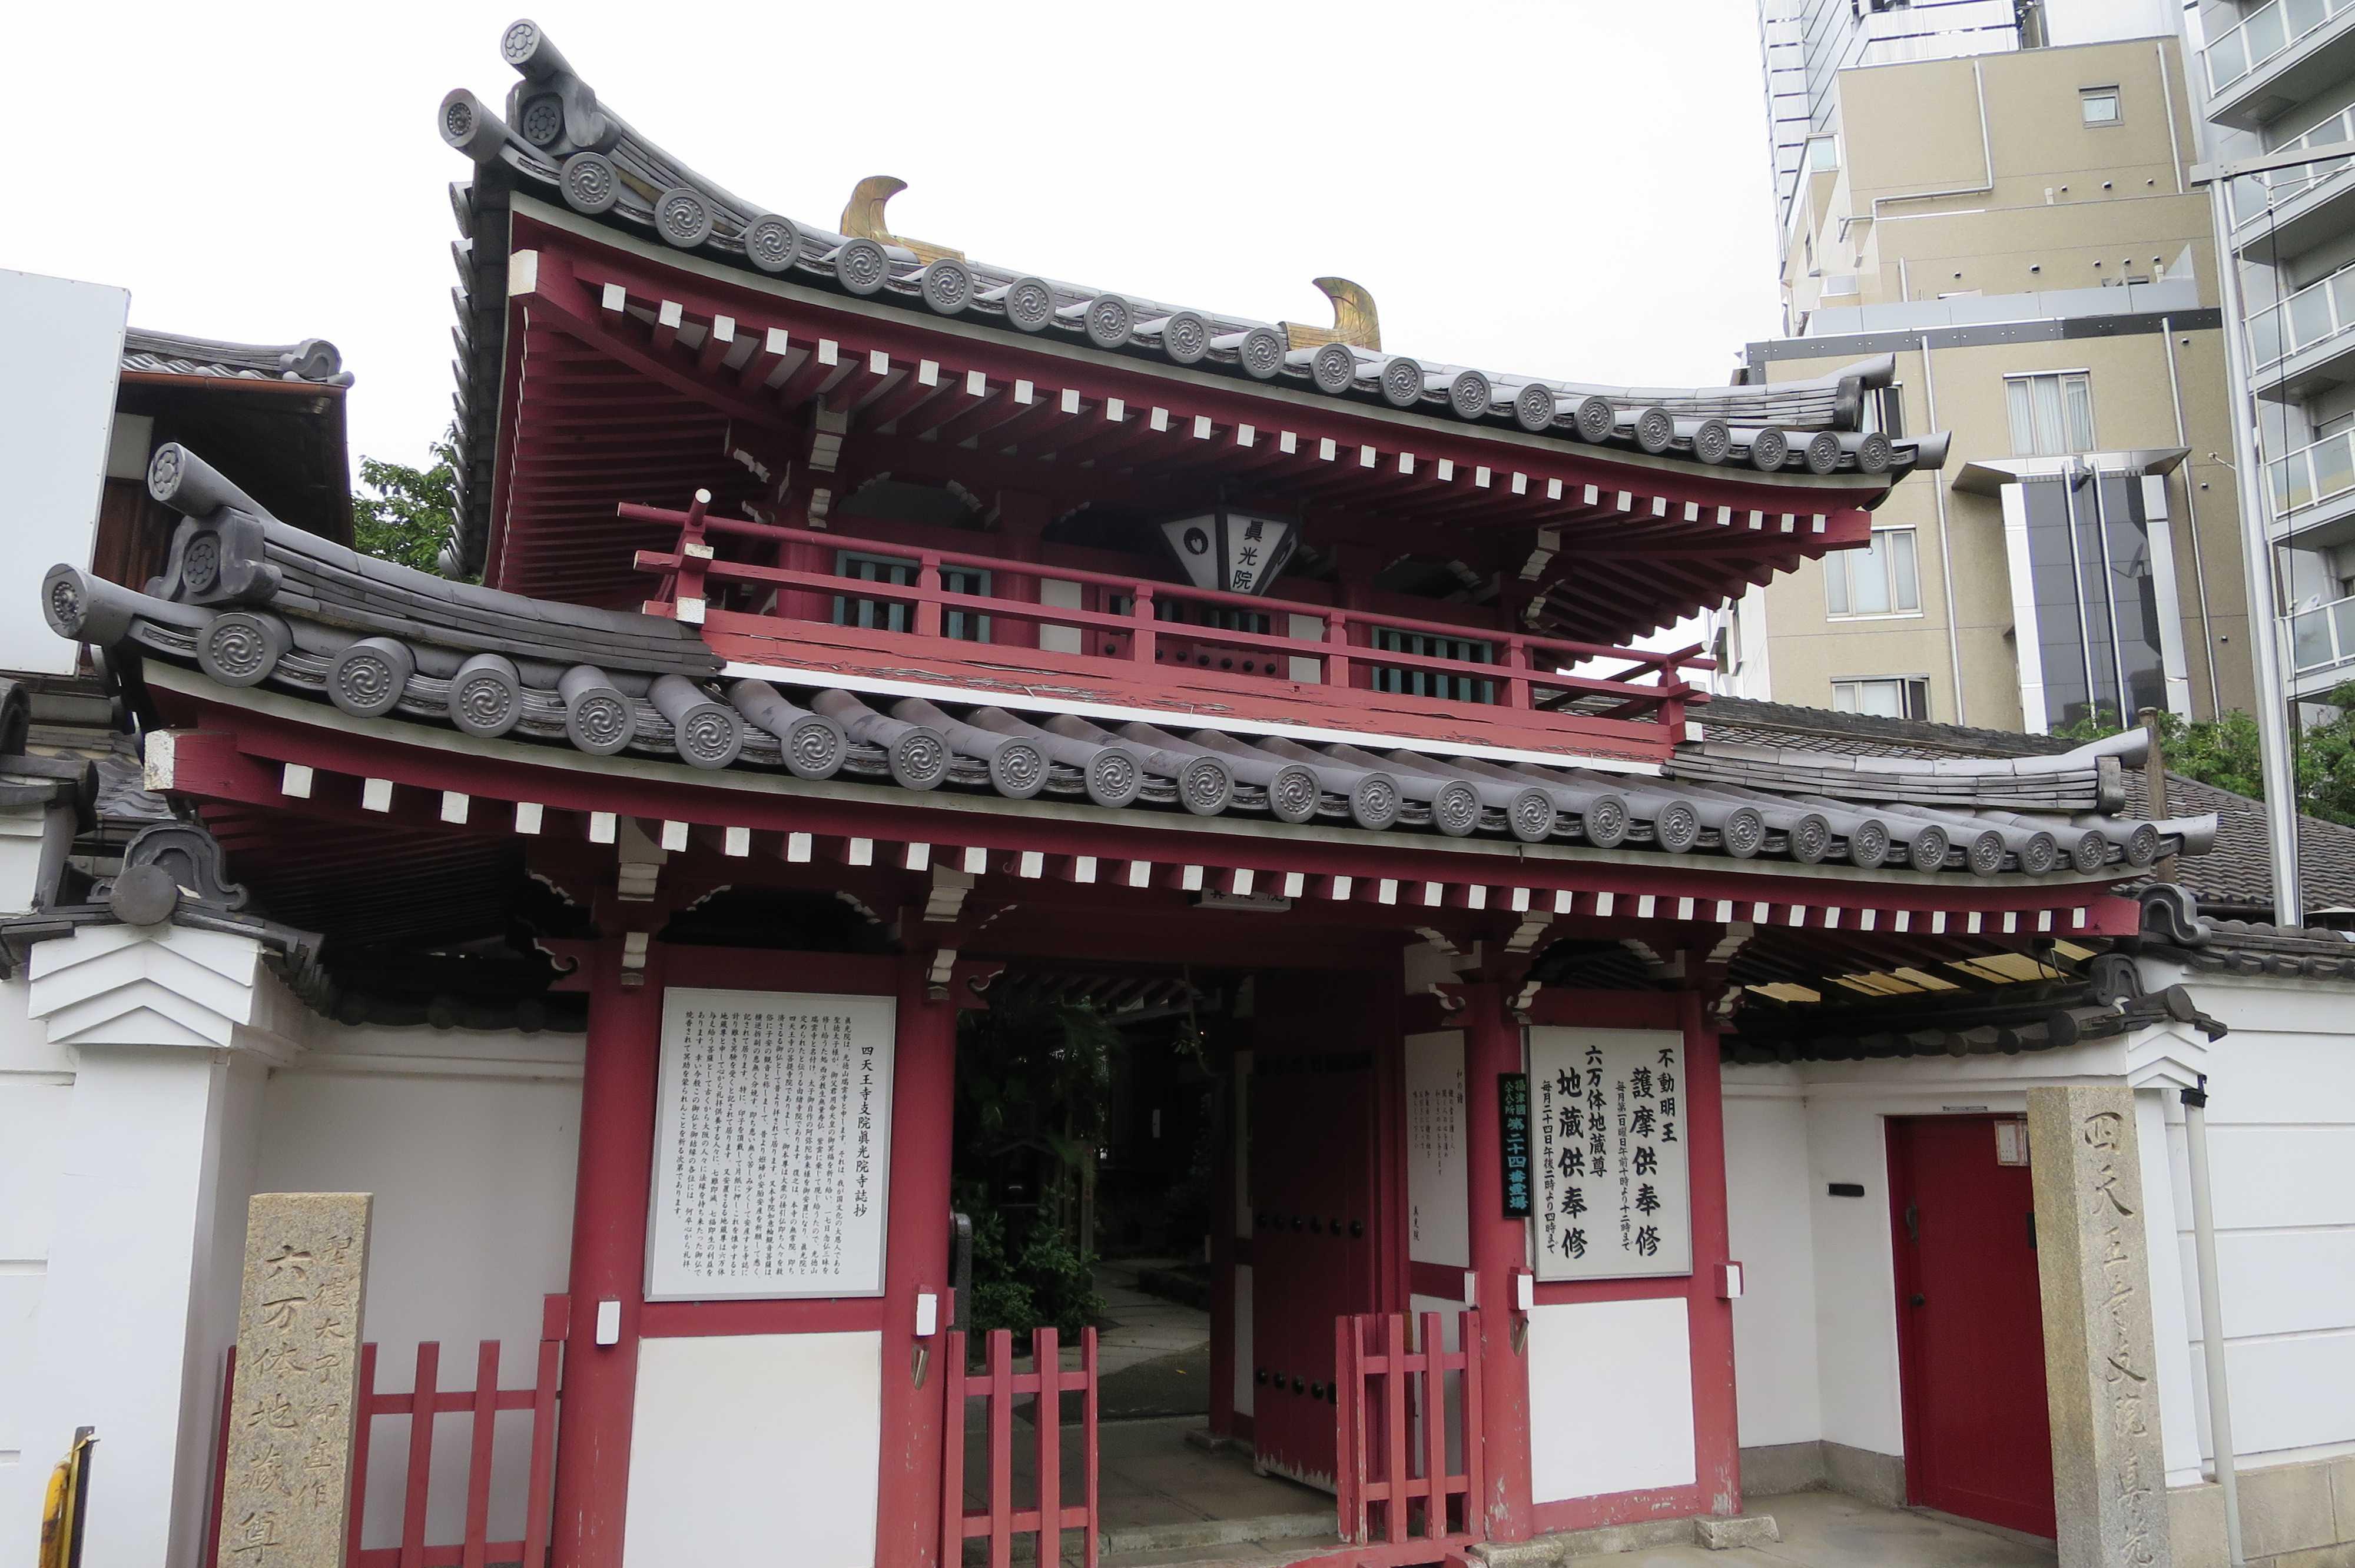 四天王寺支院 真光院の朱塗りの門